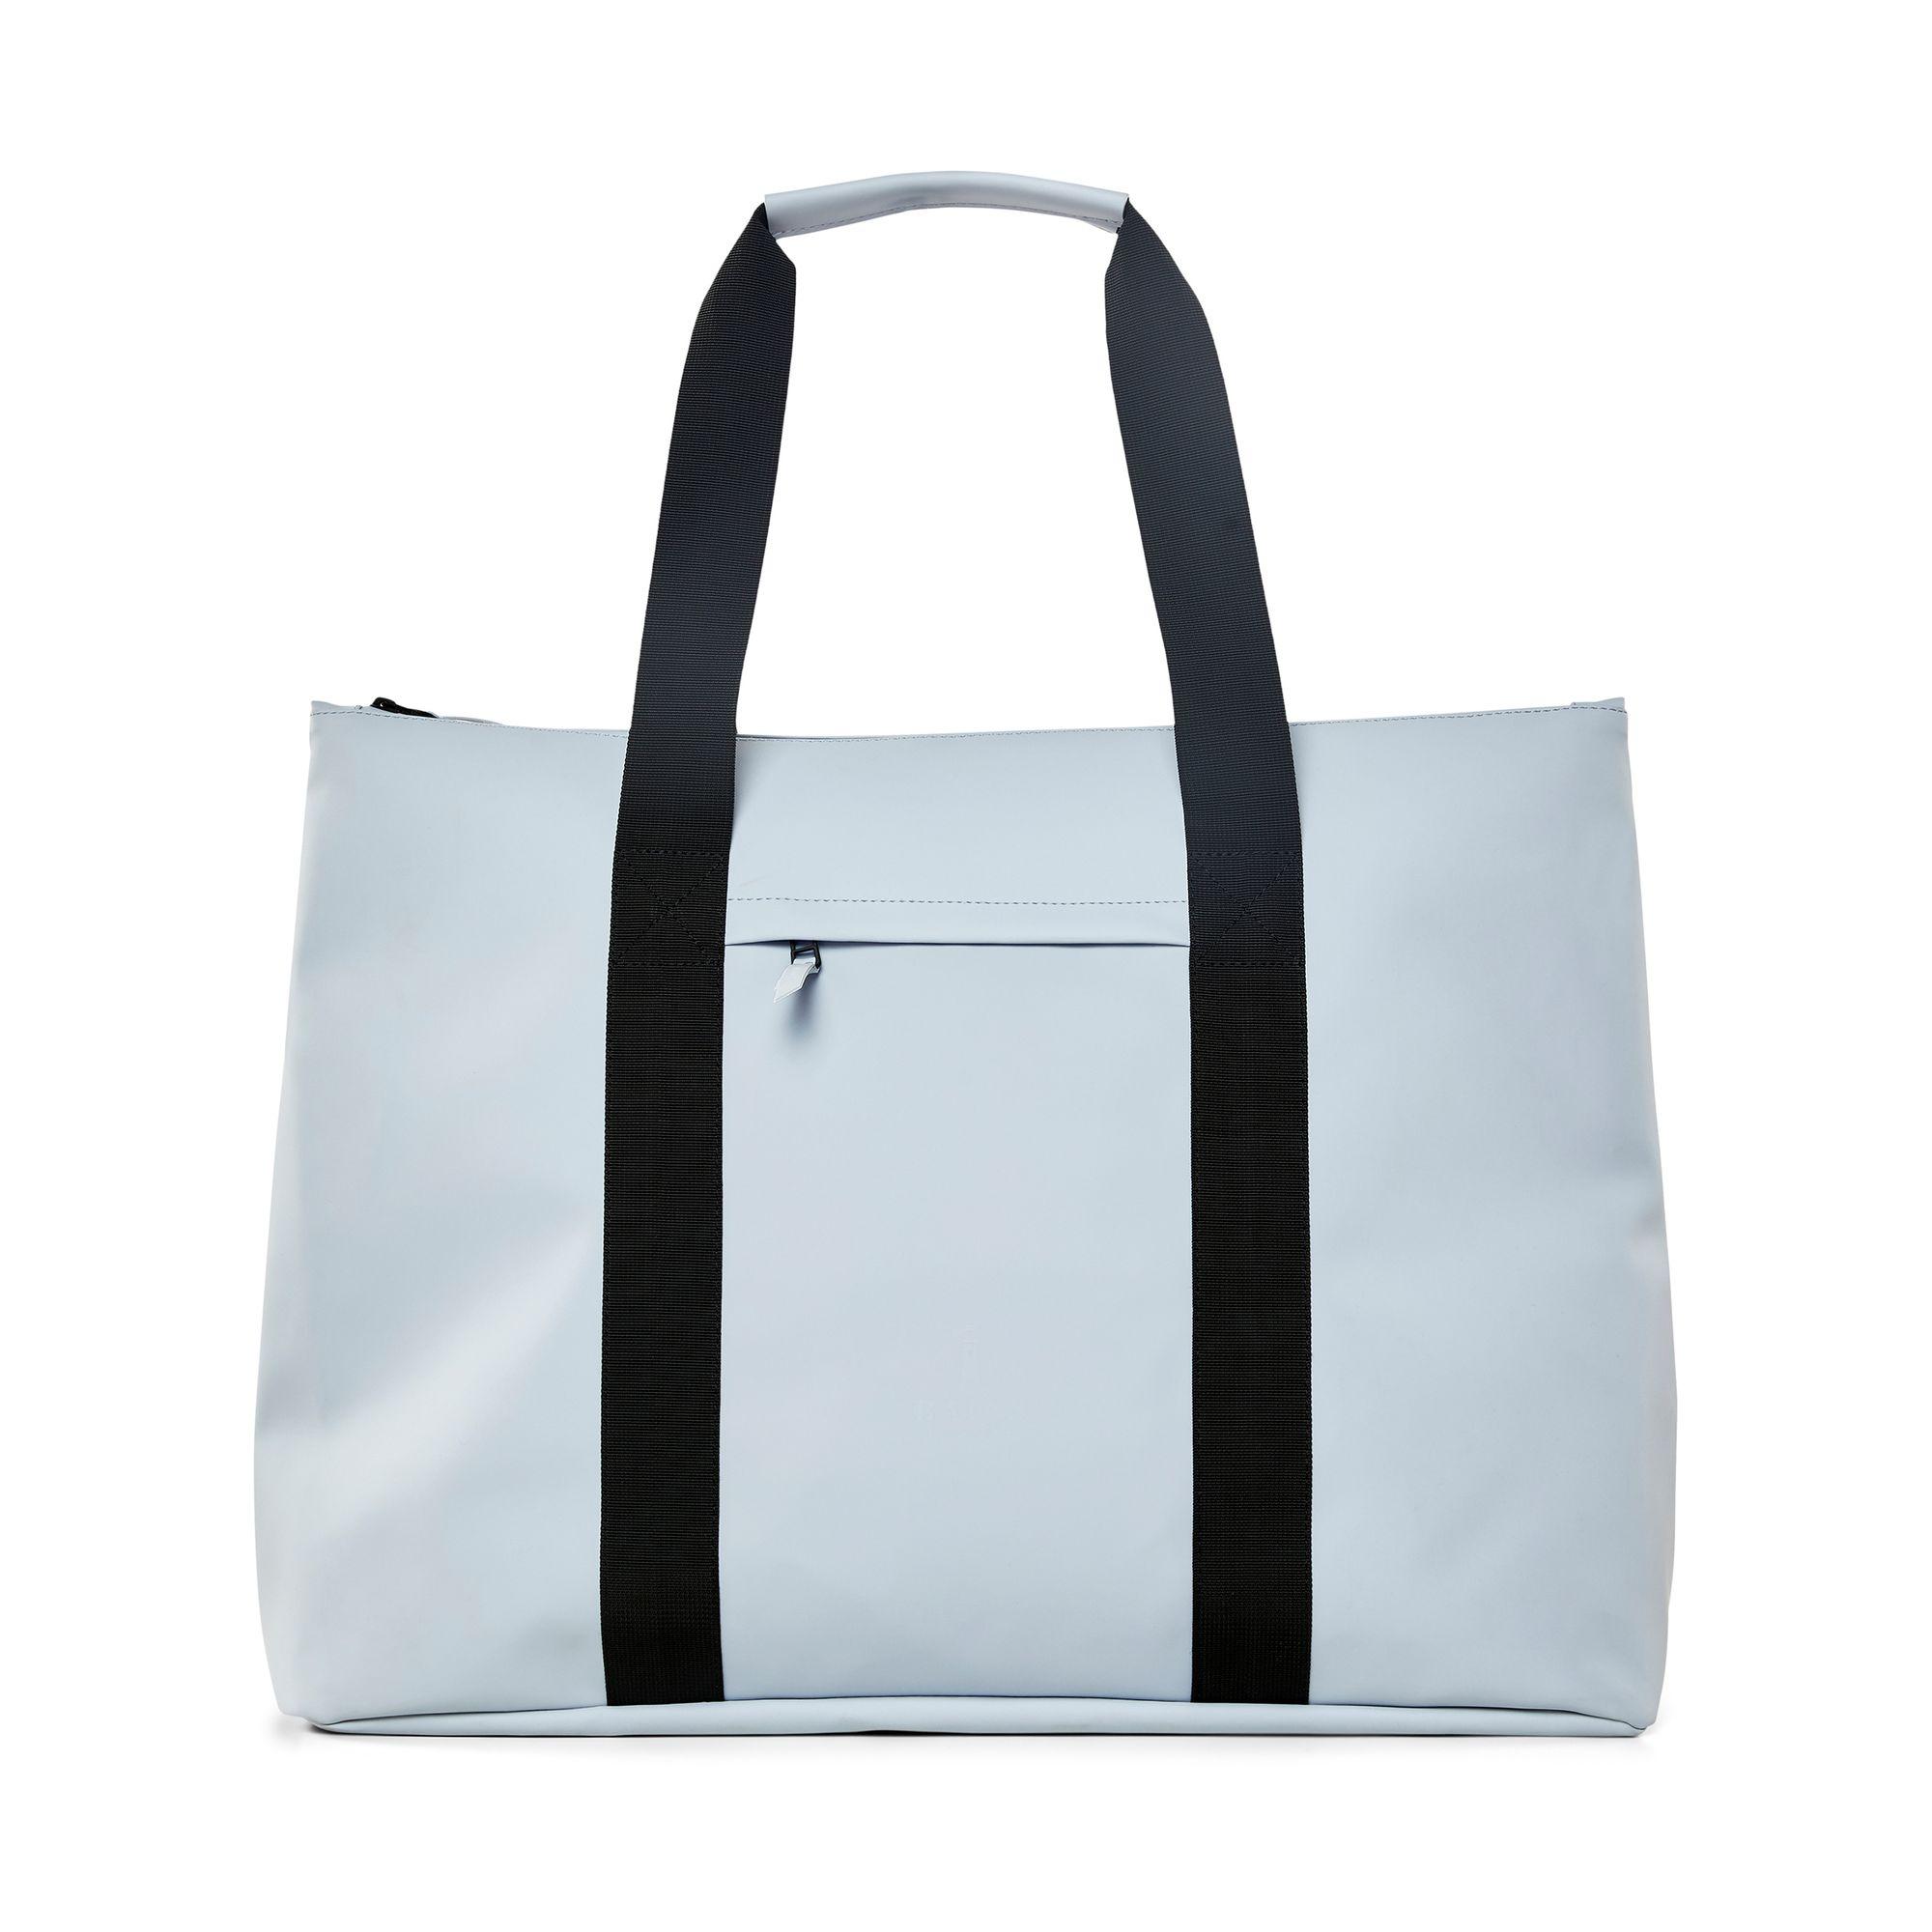 Handla väskor från Rains online: Rains Commuter Bag